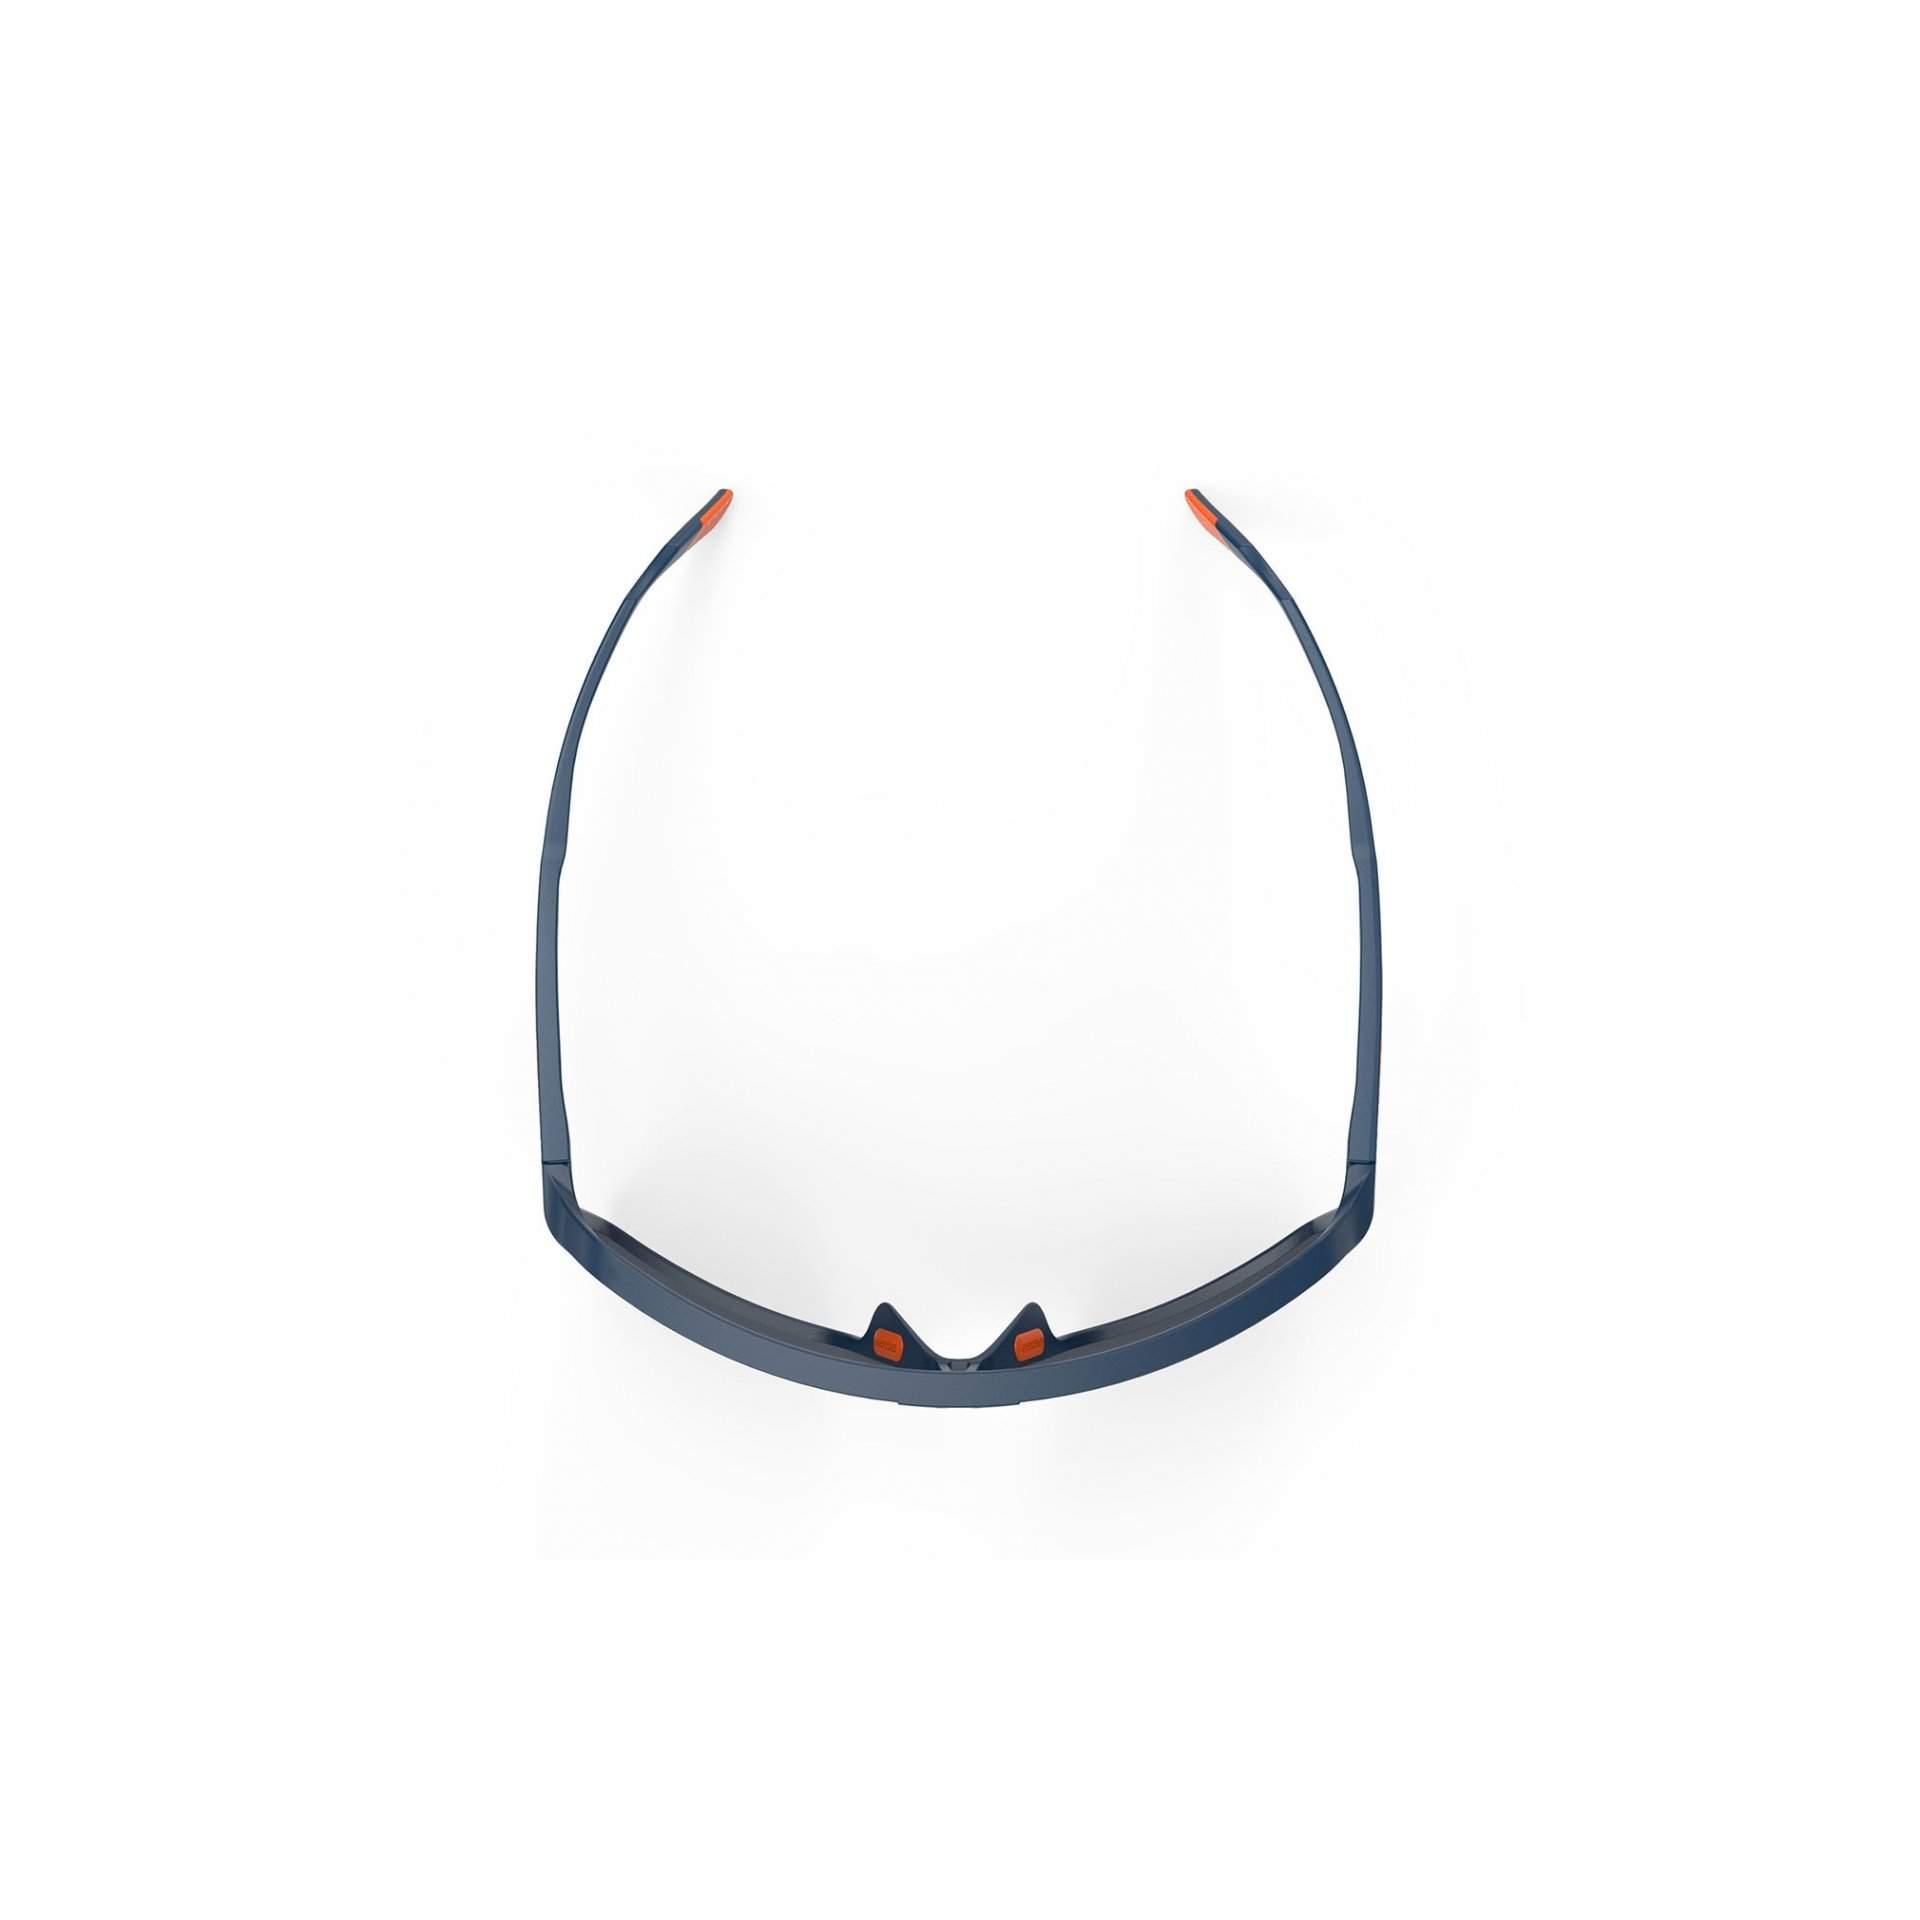 OKULARY RUDY PROJECT SPINSHIELD MULTILASER ORANGE + BLUE NAVY MATTE SP7240470000 Z GÓRY